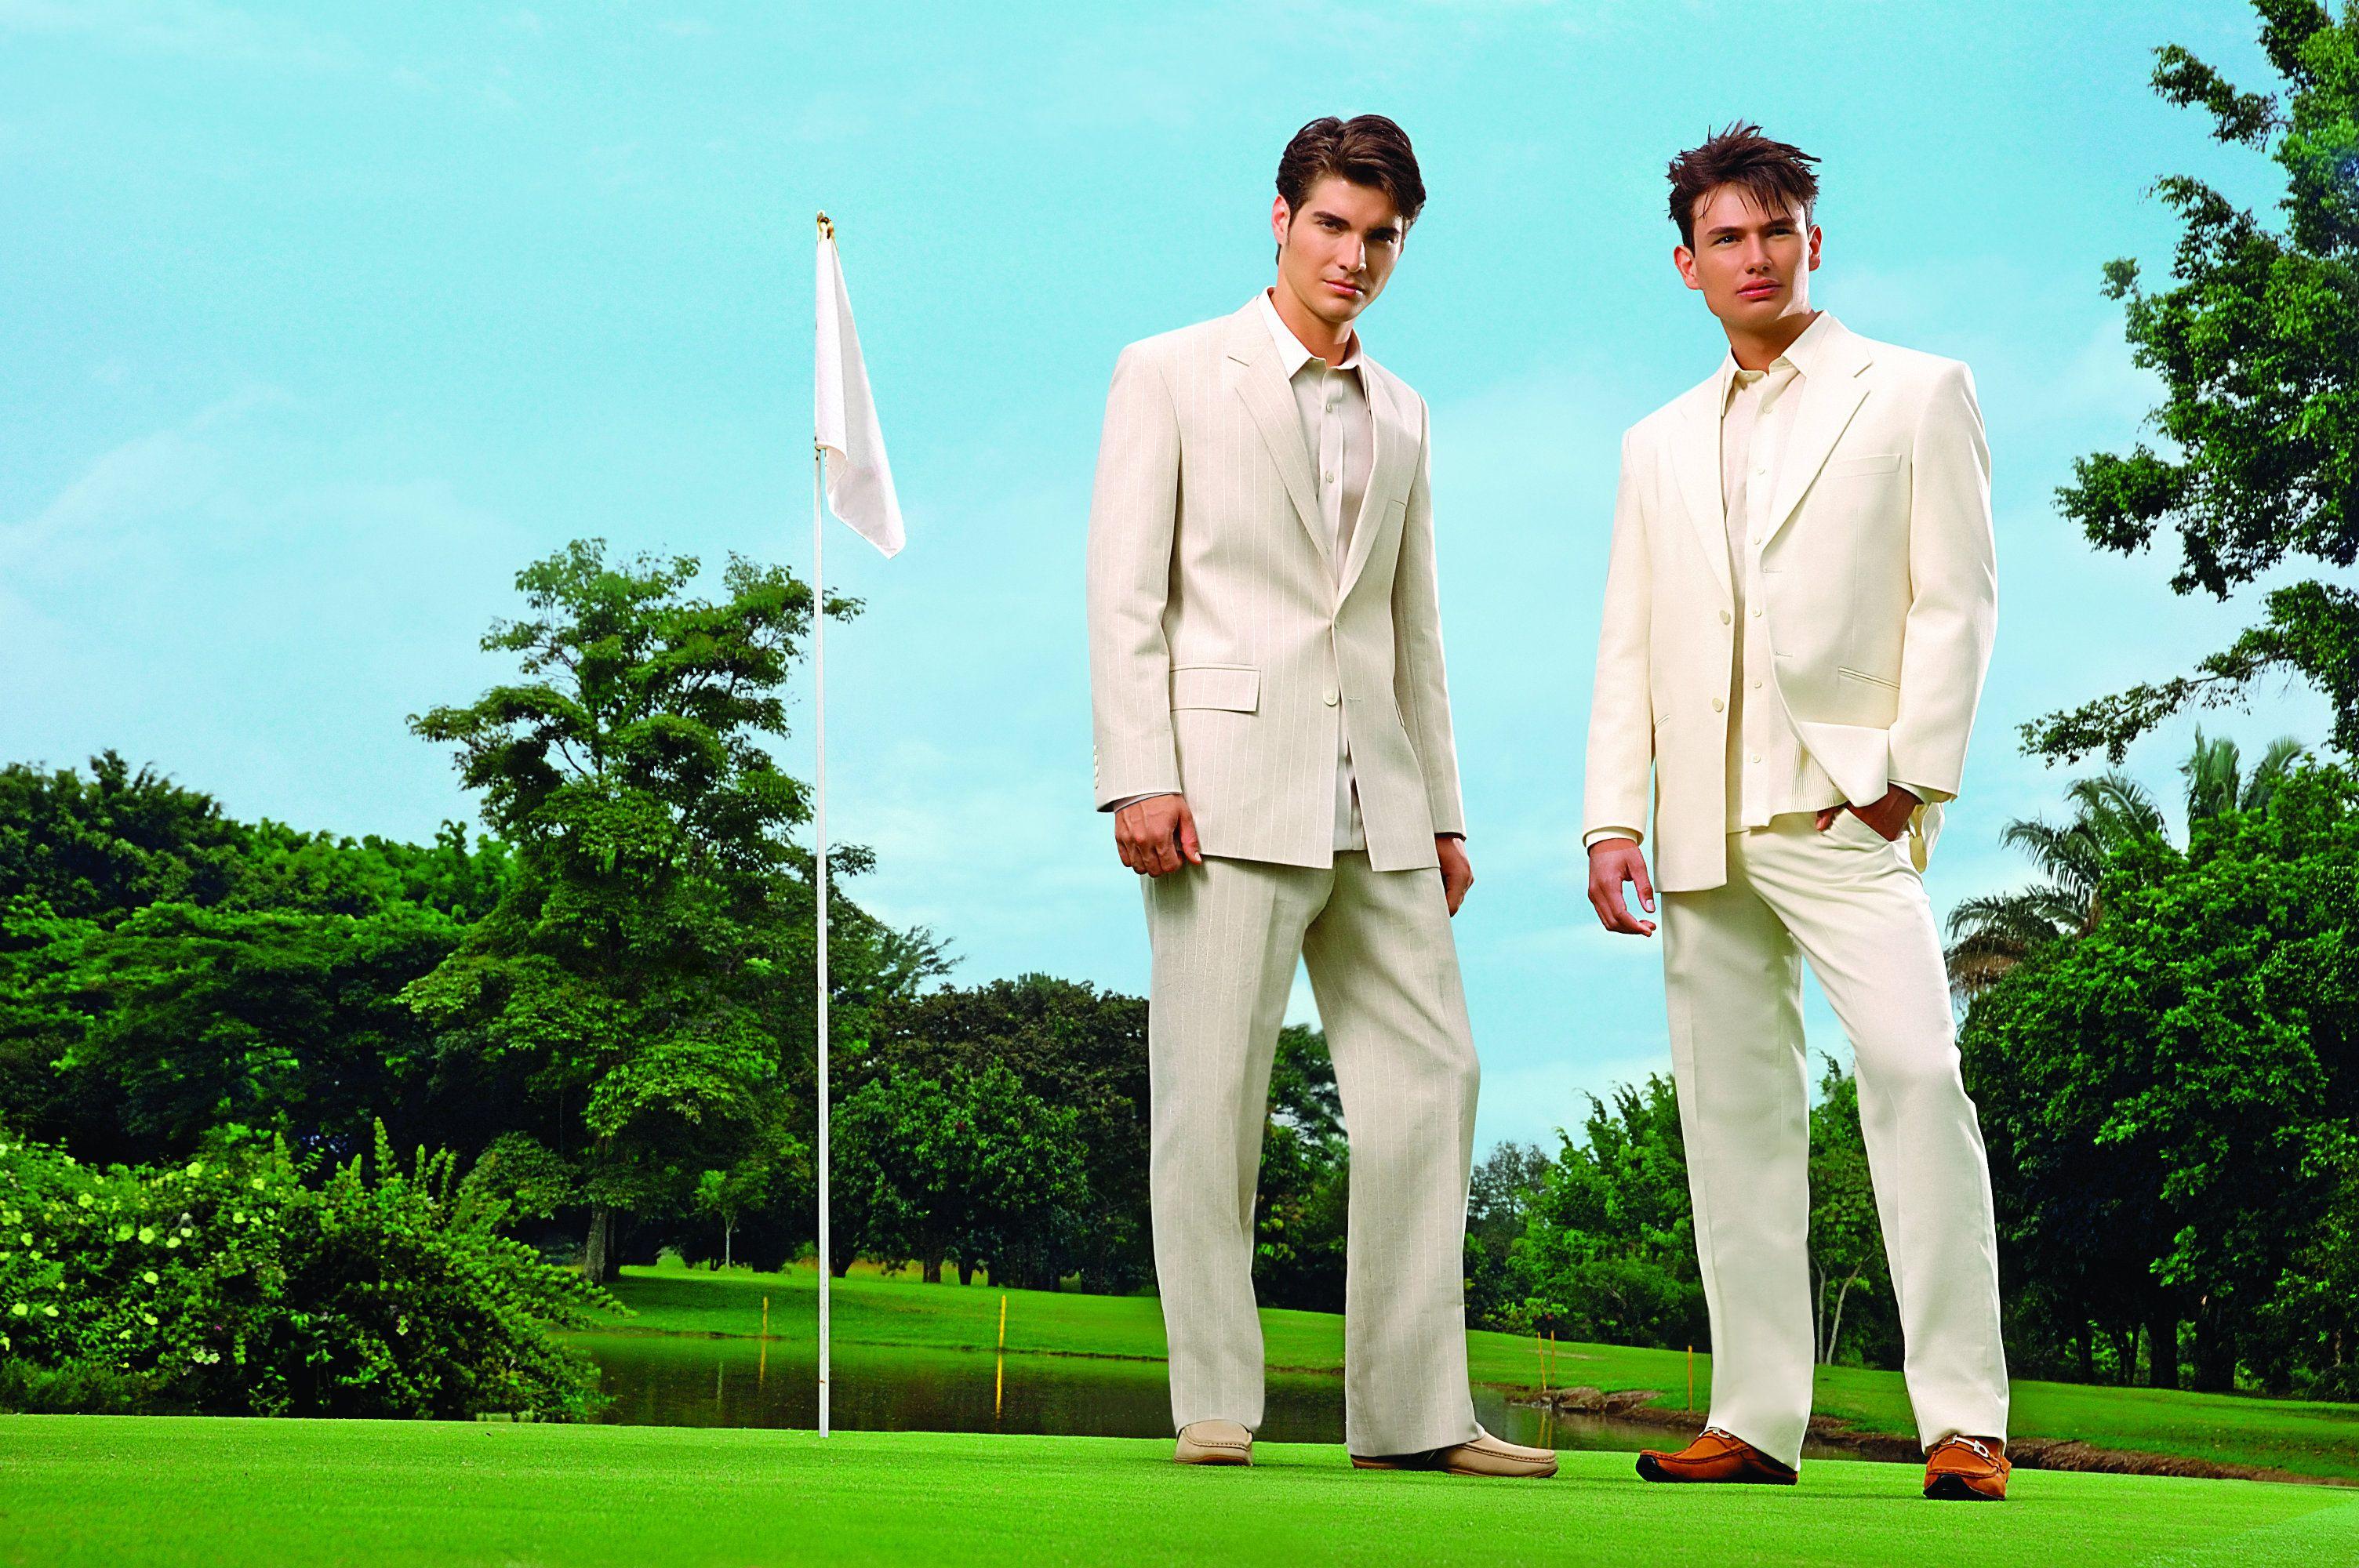 Perfect Juegos De Vestir A Una Pareja De Novios Photos - All Wedding ...